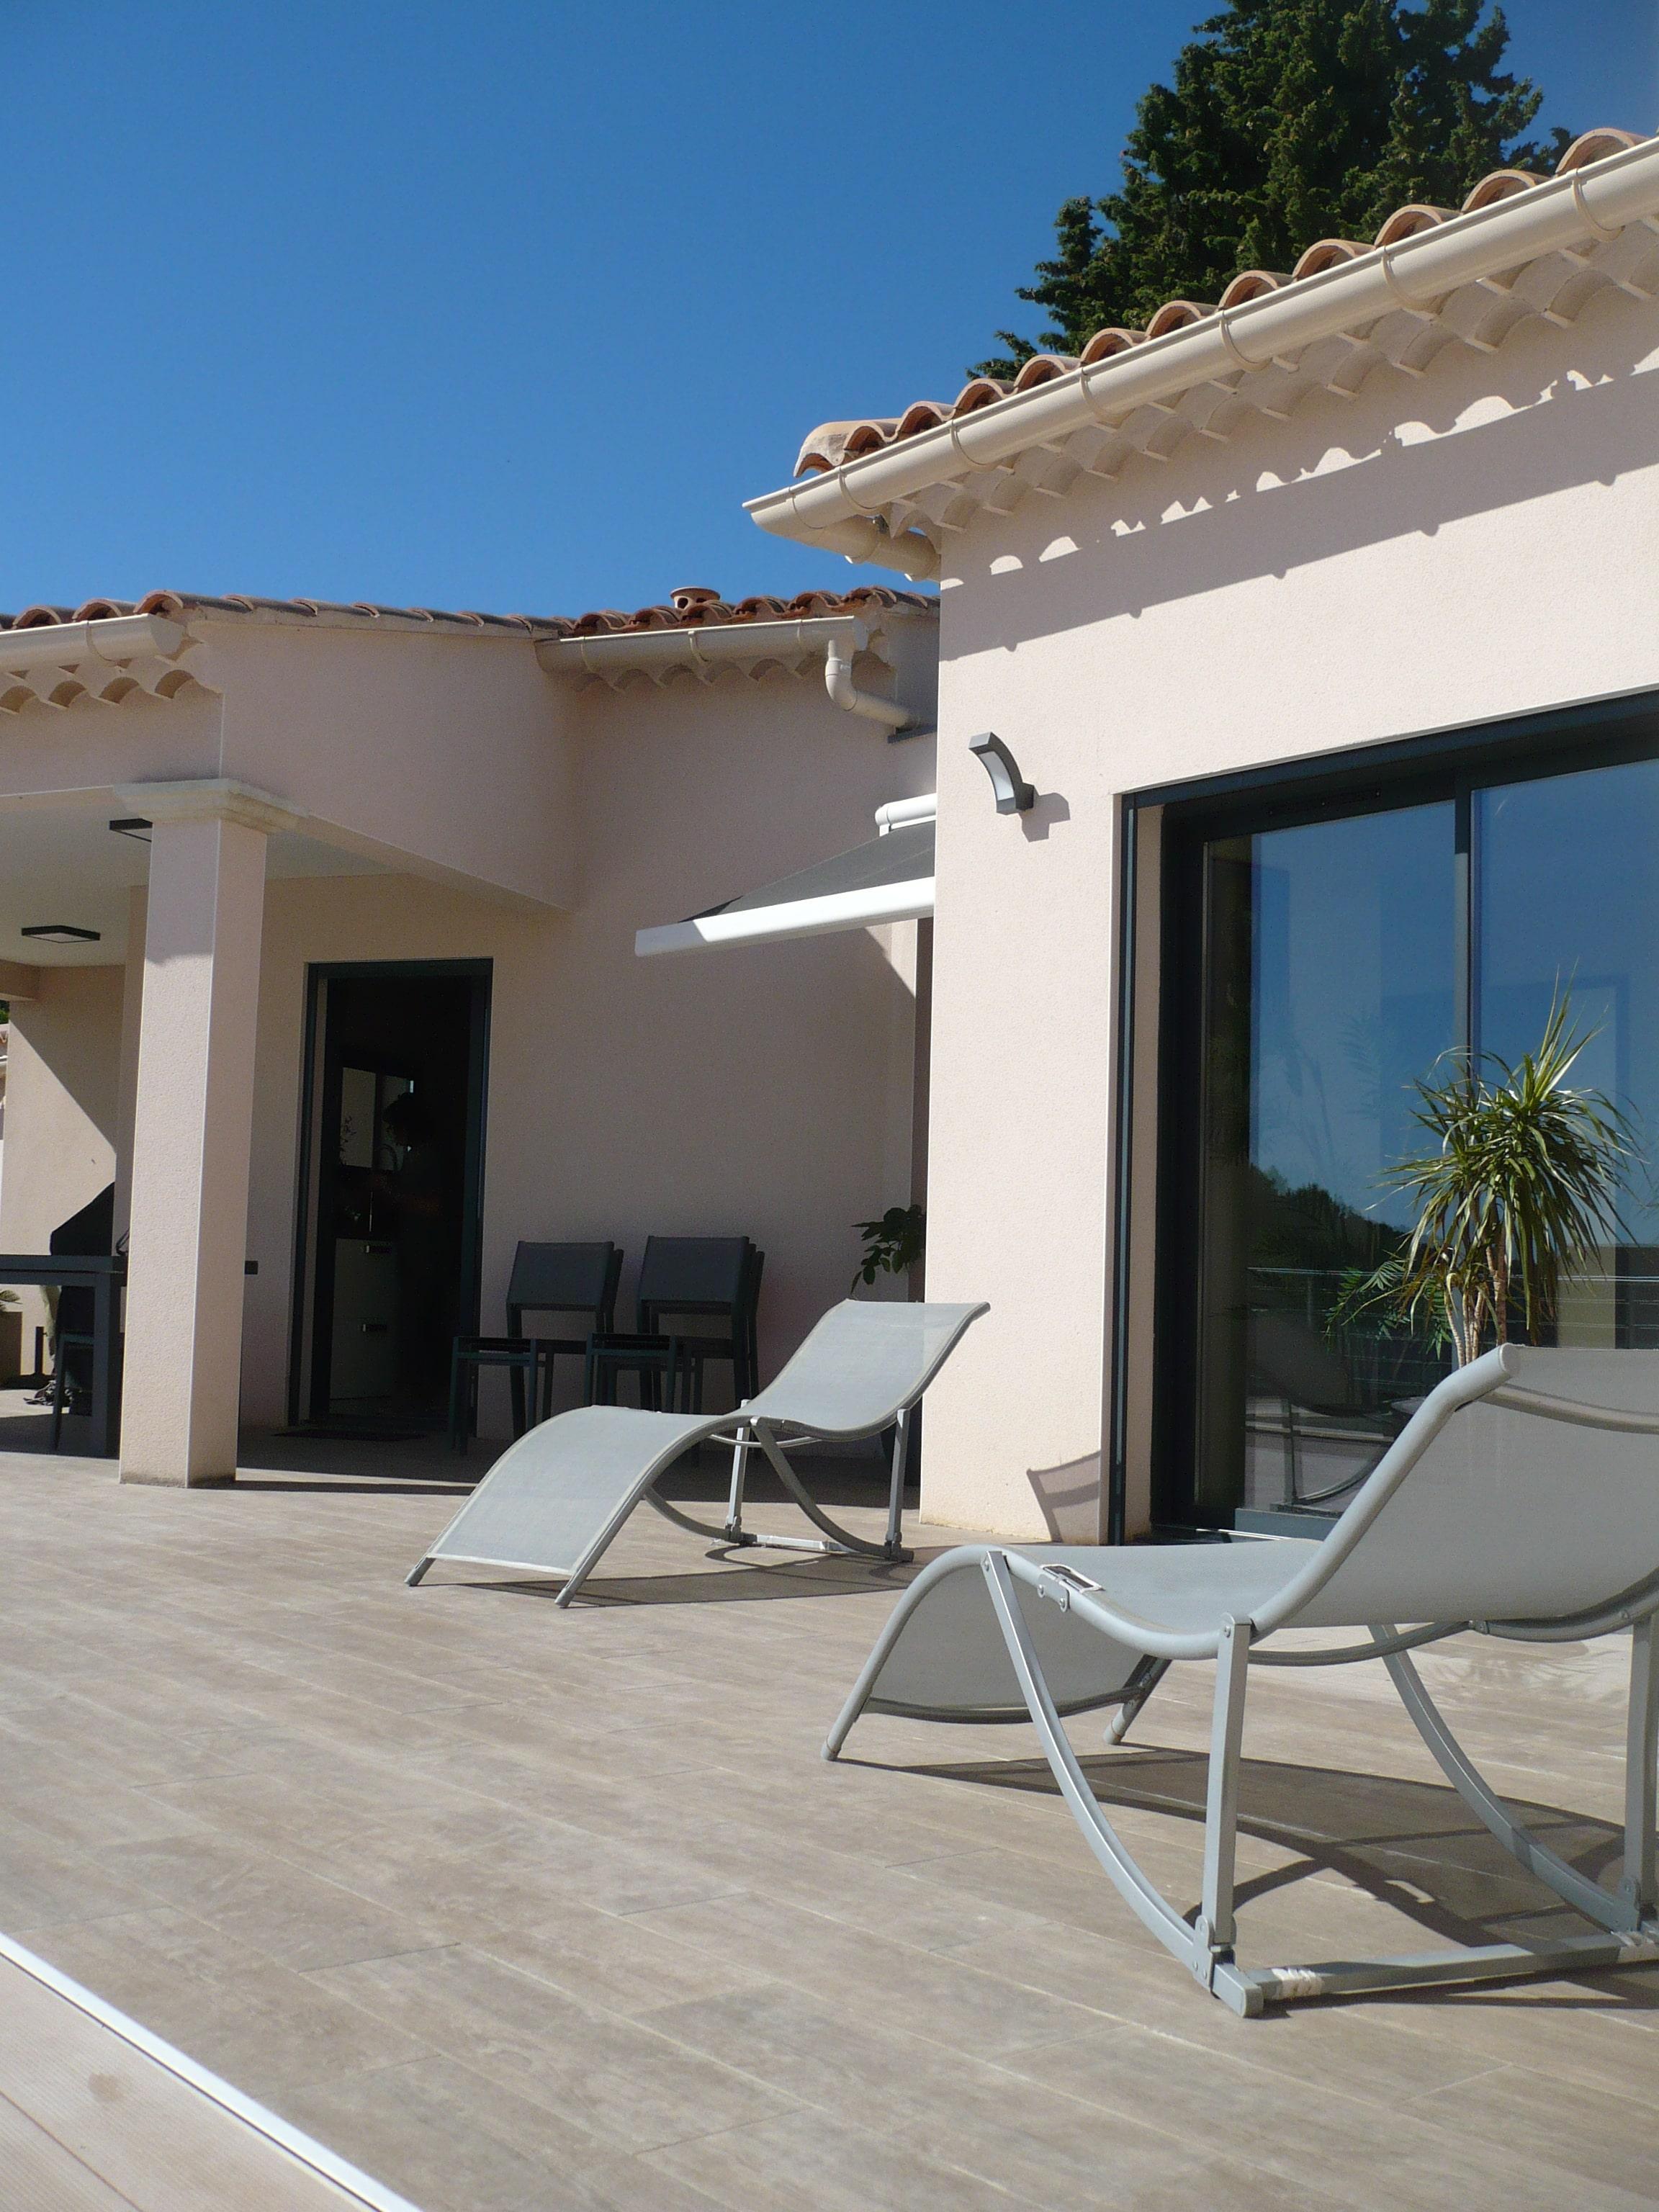 Porche D Entrée Maison Contemporaine maison contemporaine laudun 3 pans - mac2